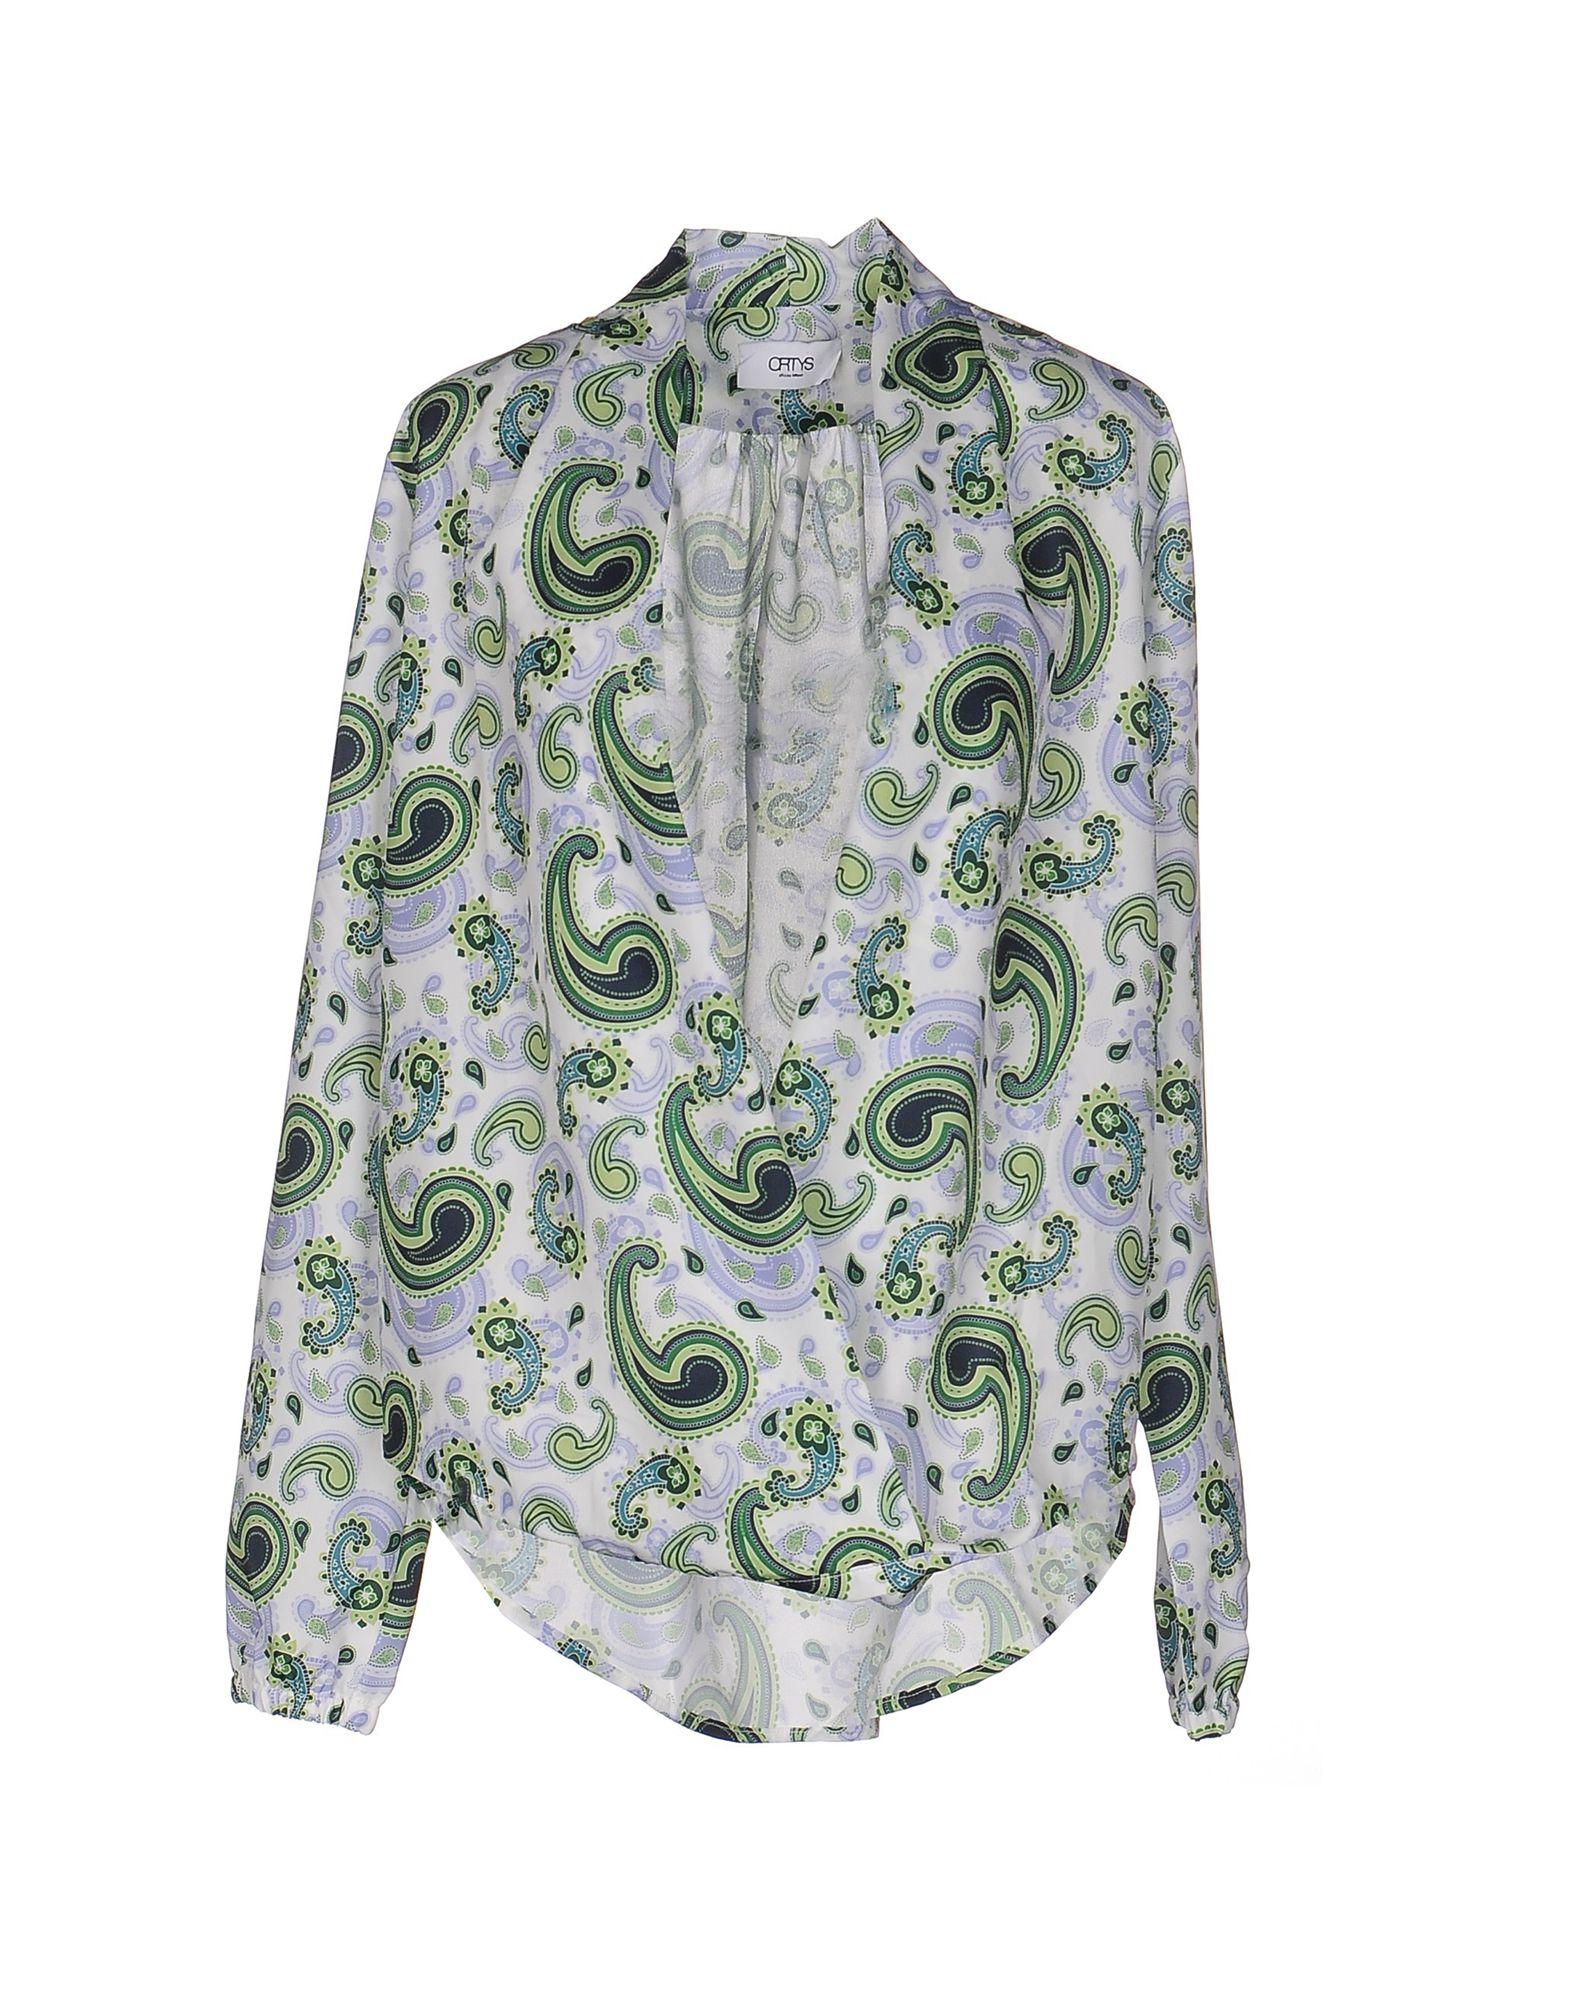 цены на ORTYS OFFICINA MILANO Блузка в интернет-магазинах